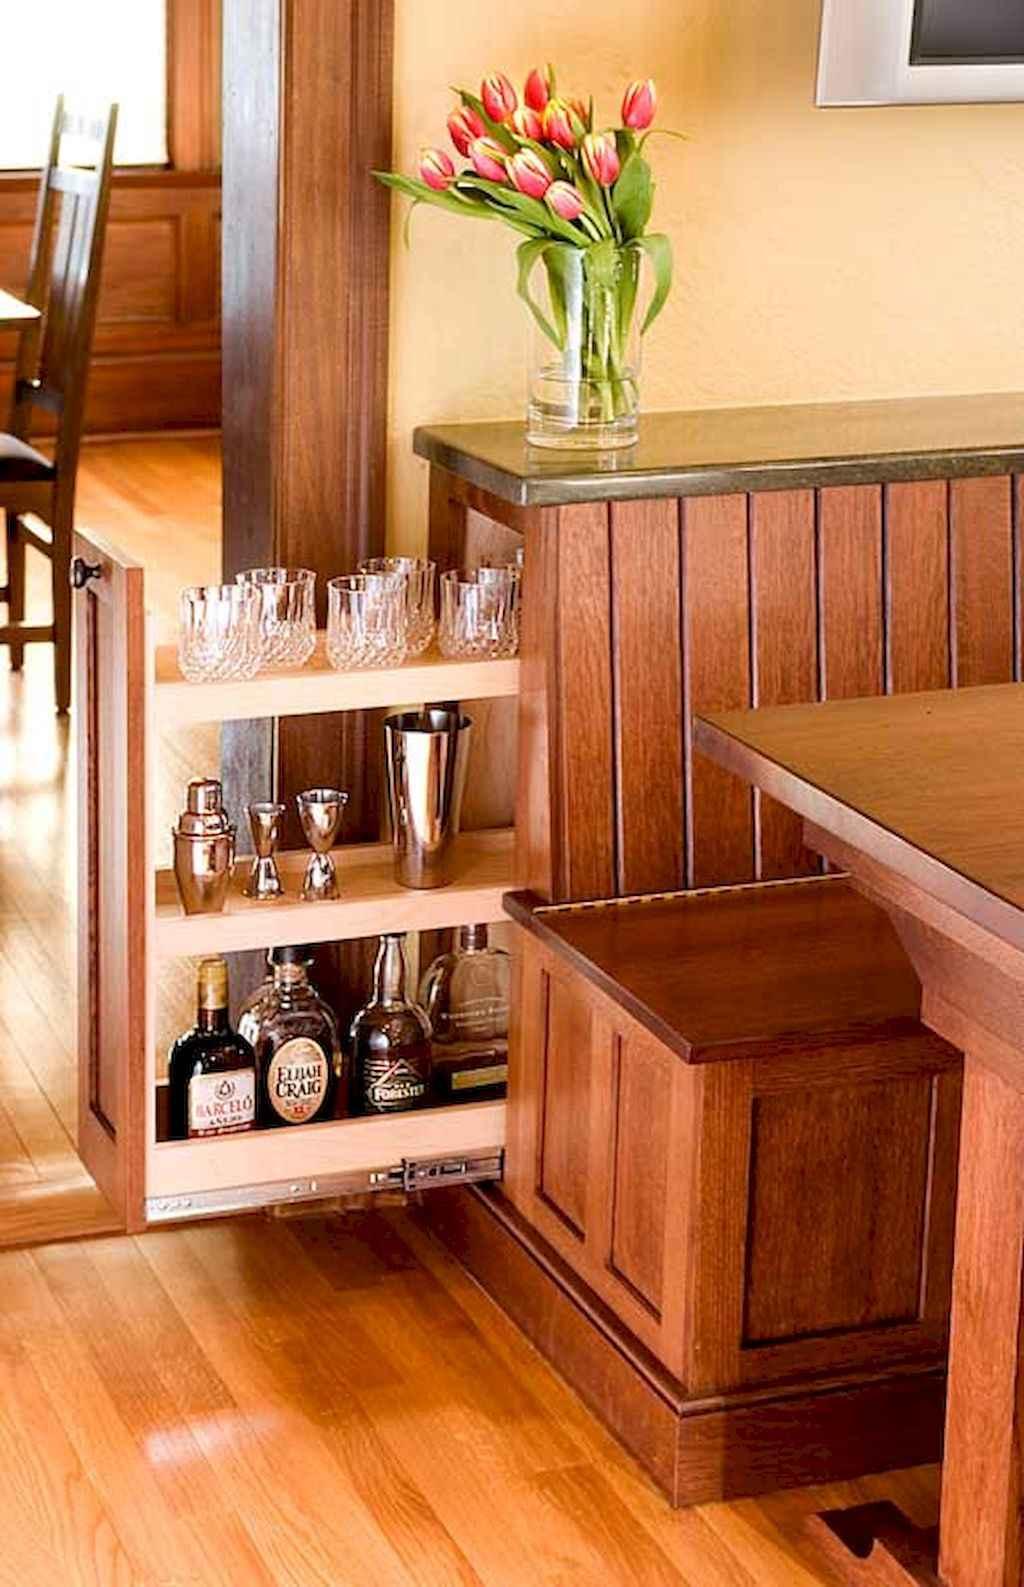 Ingenious hidden kitchen cabinet & storage solutions (43)